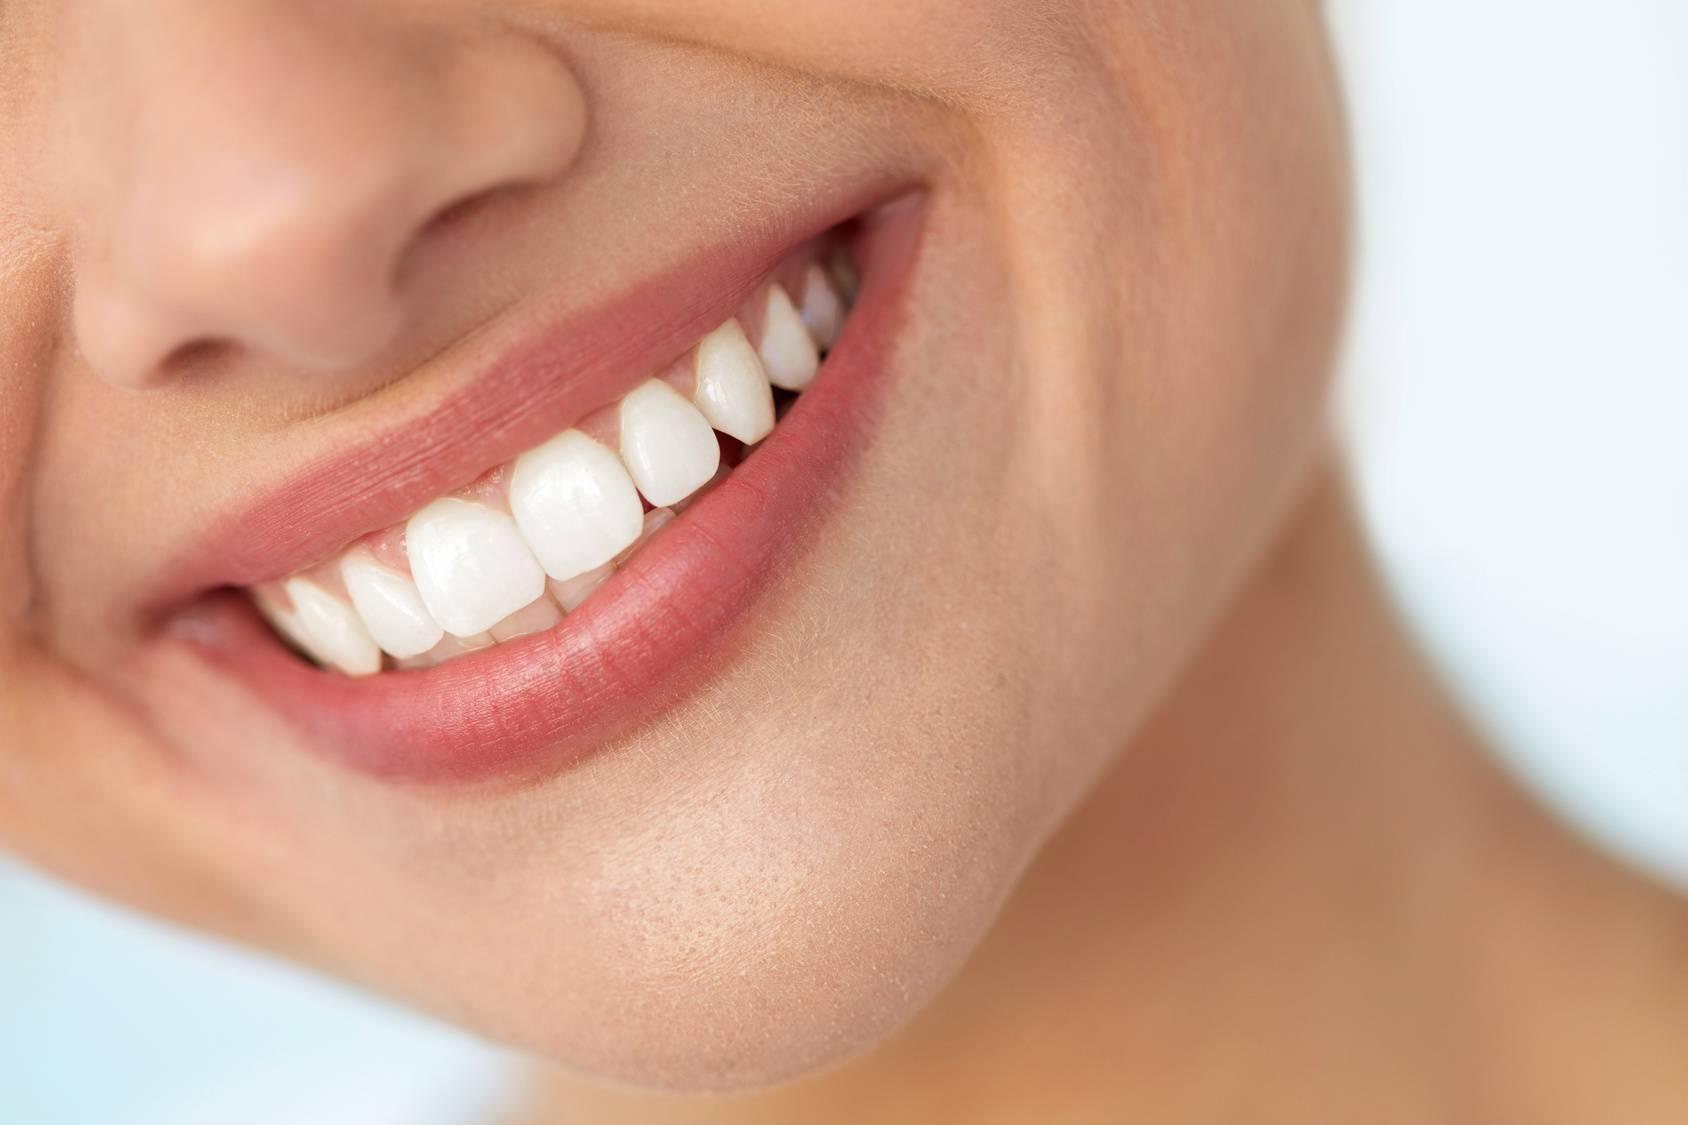 Nowe zęby na życzenie - odtwarzanie zębów z komórek macierzystych.